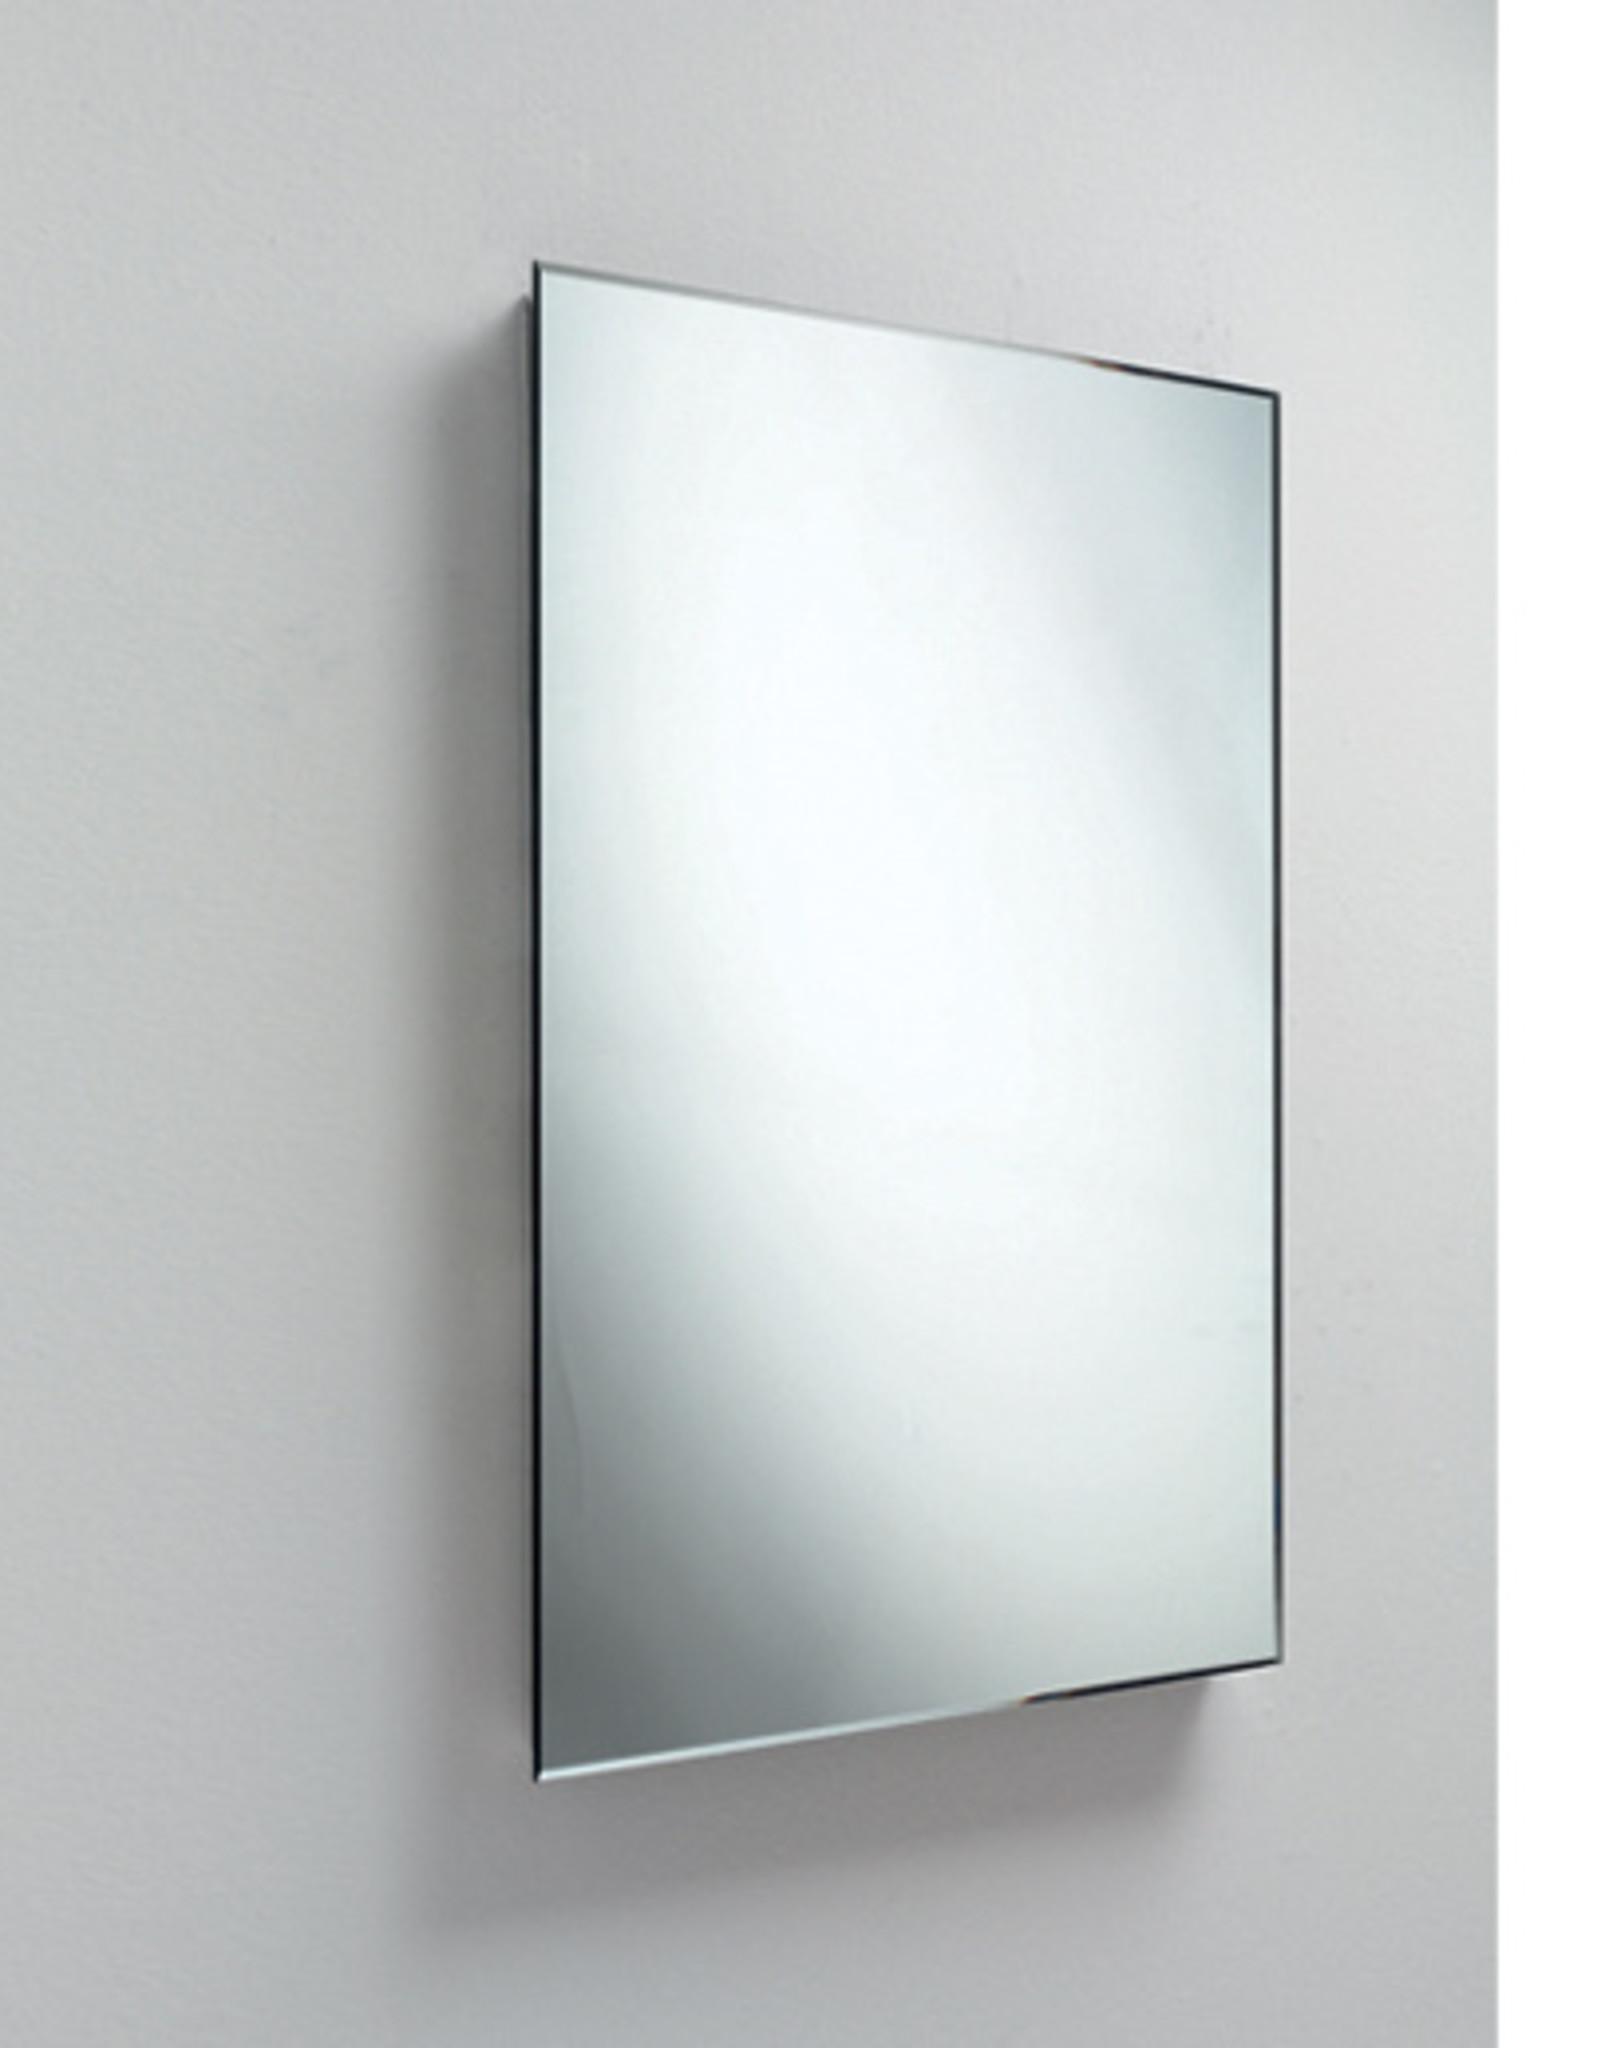 Speci miroir avec biseauté 60cm - vente